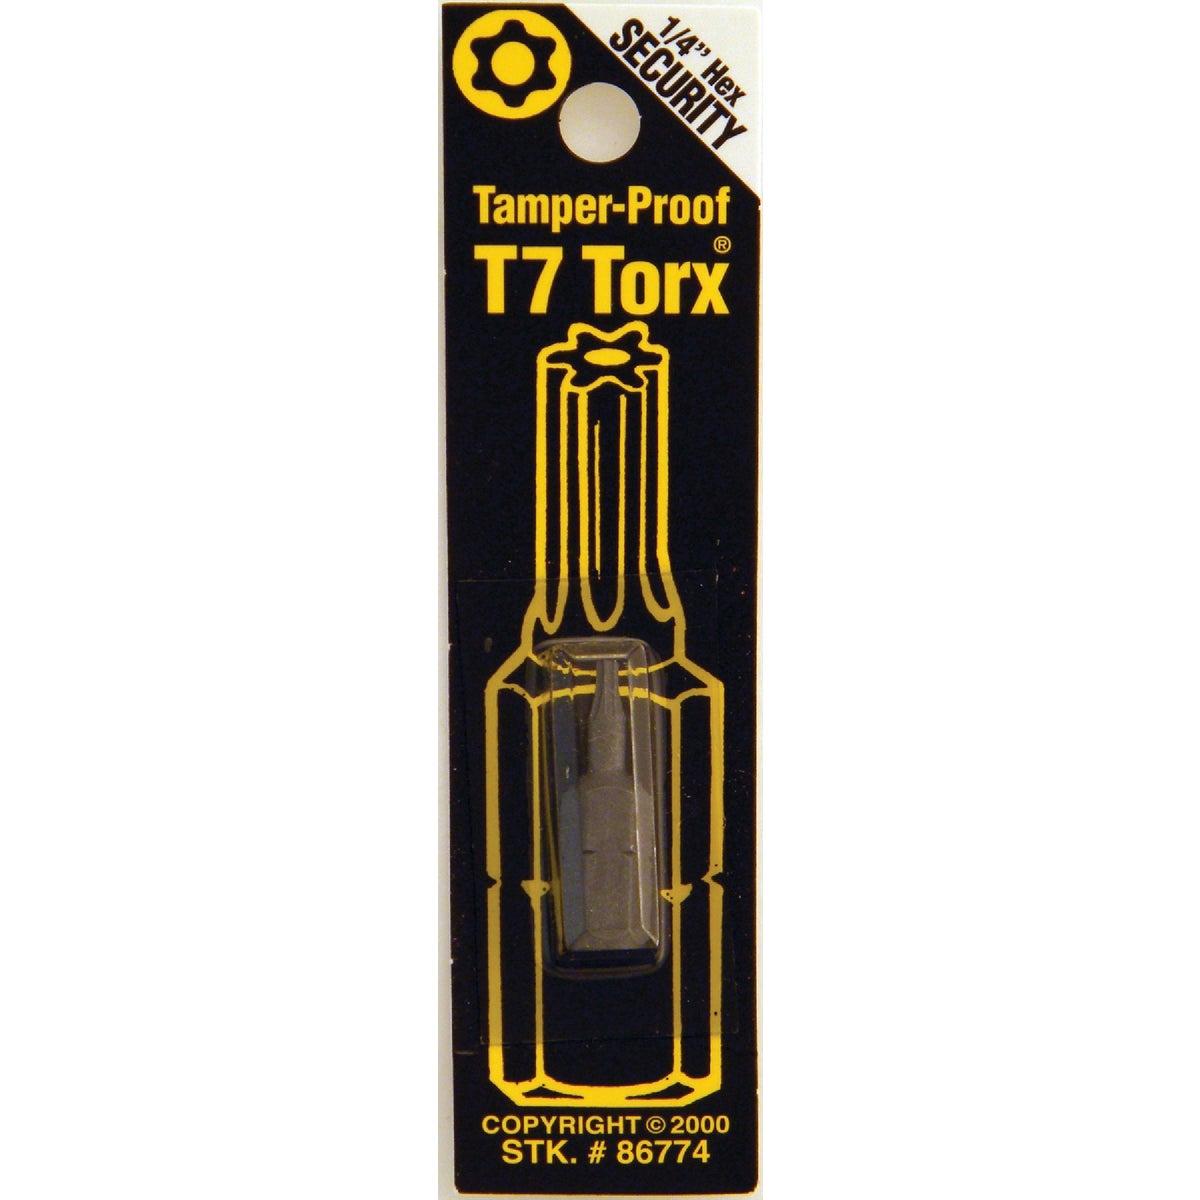 T7 TMPR SECURITY BIT - 86774 by Bwt Inc